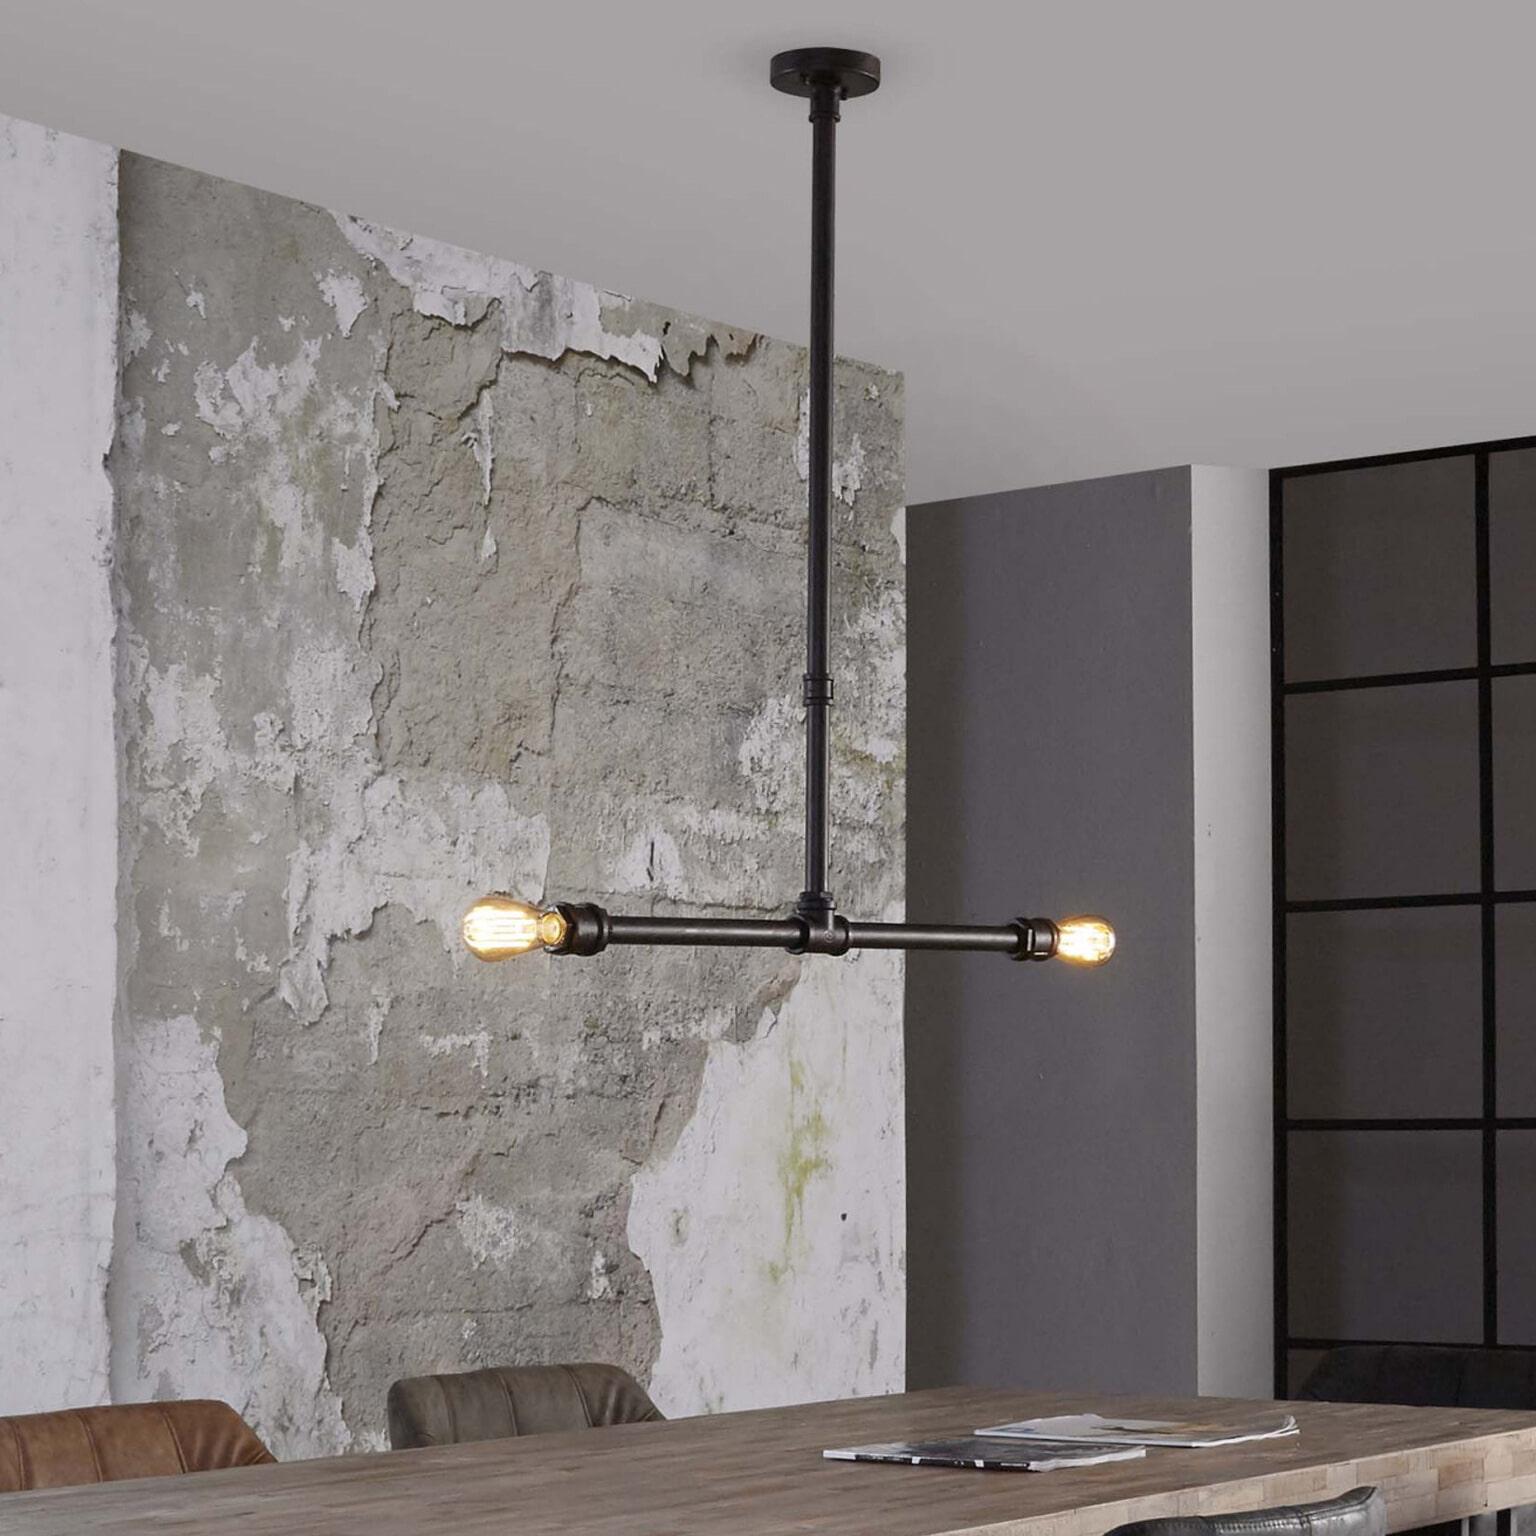 Industriële Hanglamp 'Vito' Verlichting | Hanglampen vergelijken doe je het voordeligst hier bij Meubelpartner